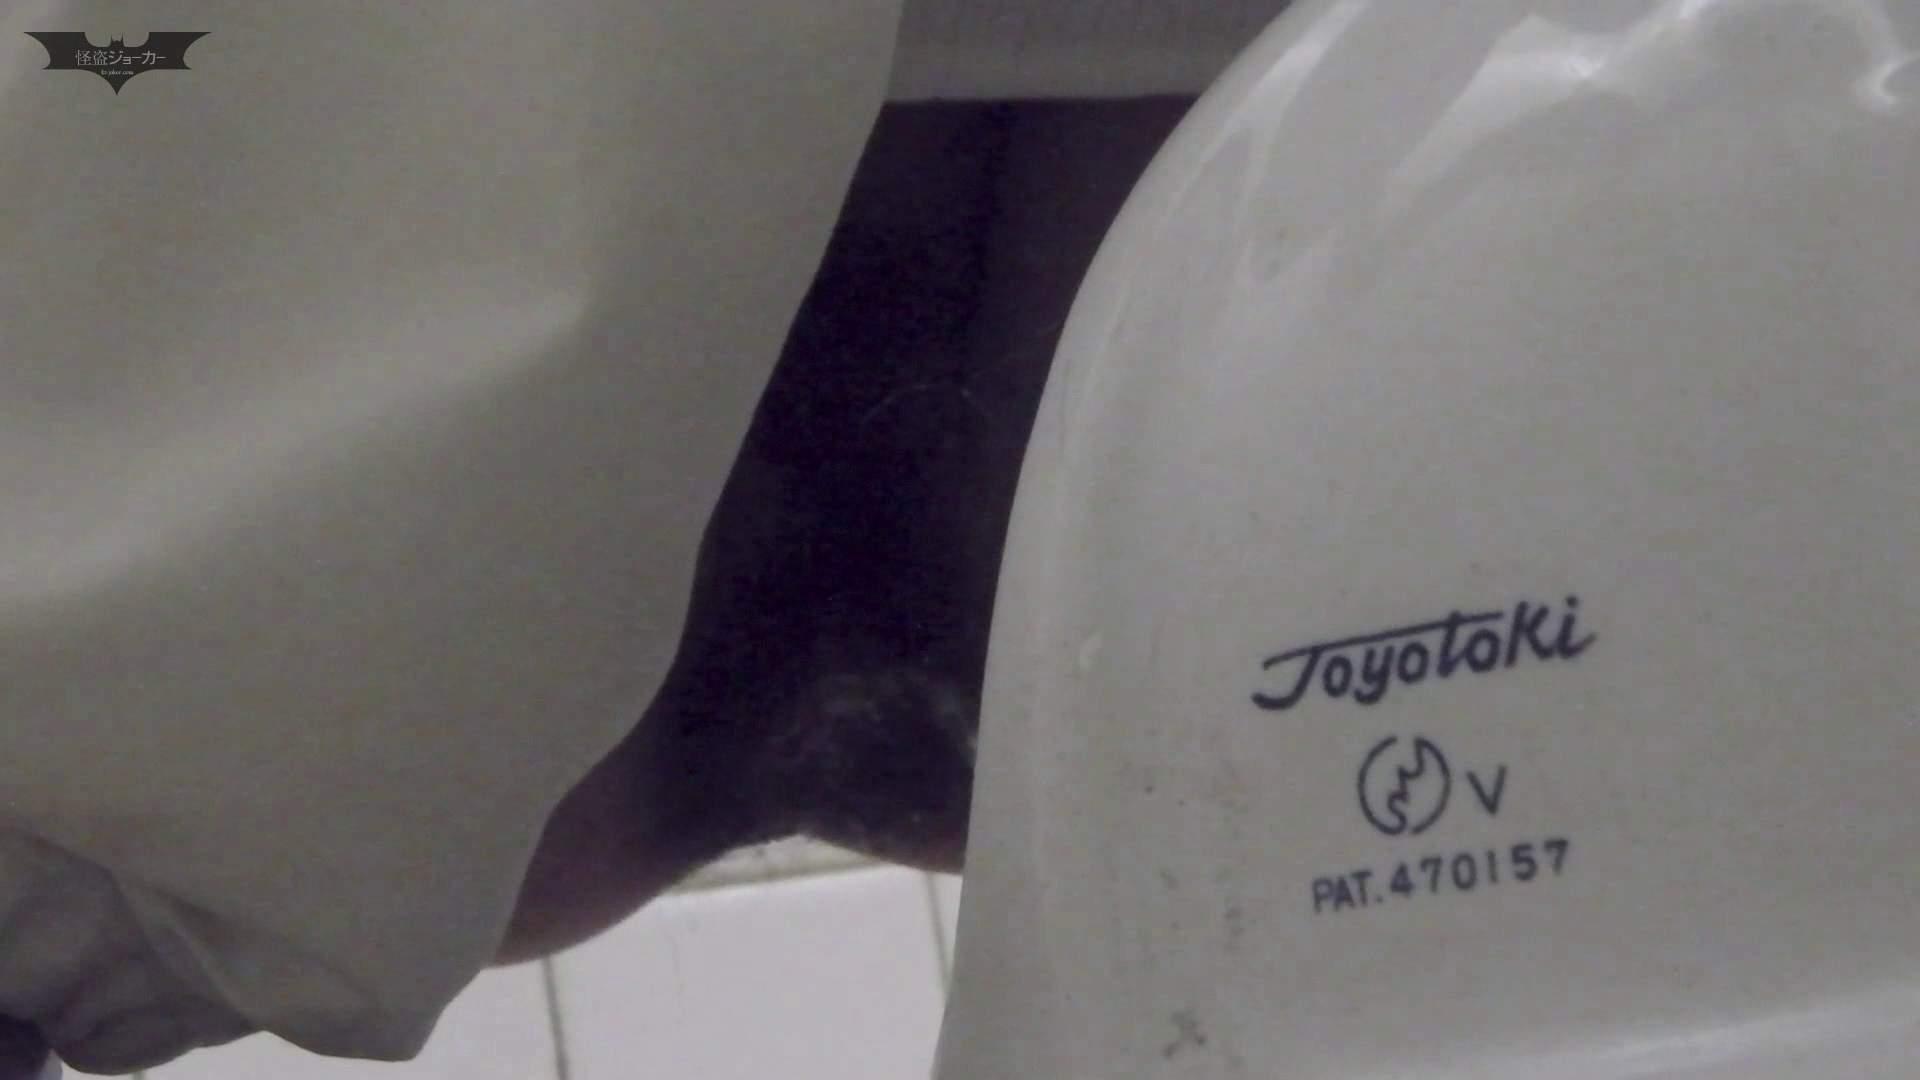 ▲復活限定D▲洗面所特攻隊 vol.62 ピチピチの若さ! In JAPAN 高画質 オマンコ動画キャプチャ 113画像 77